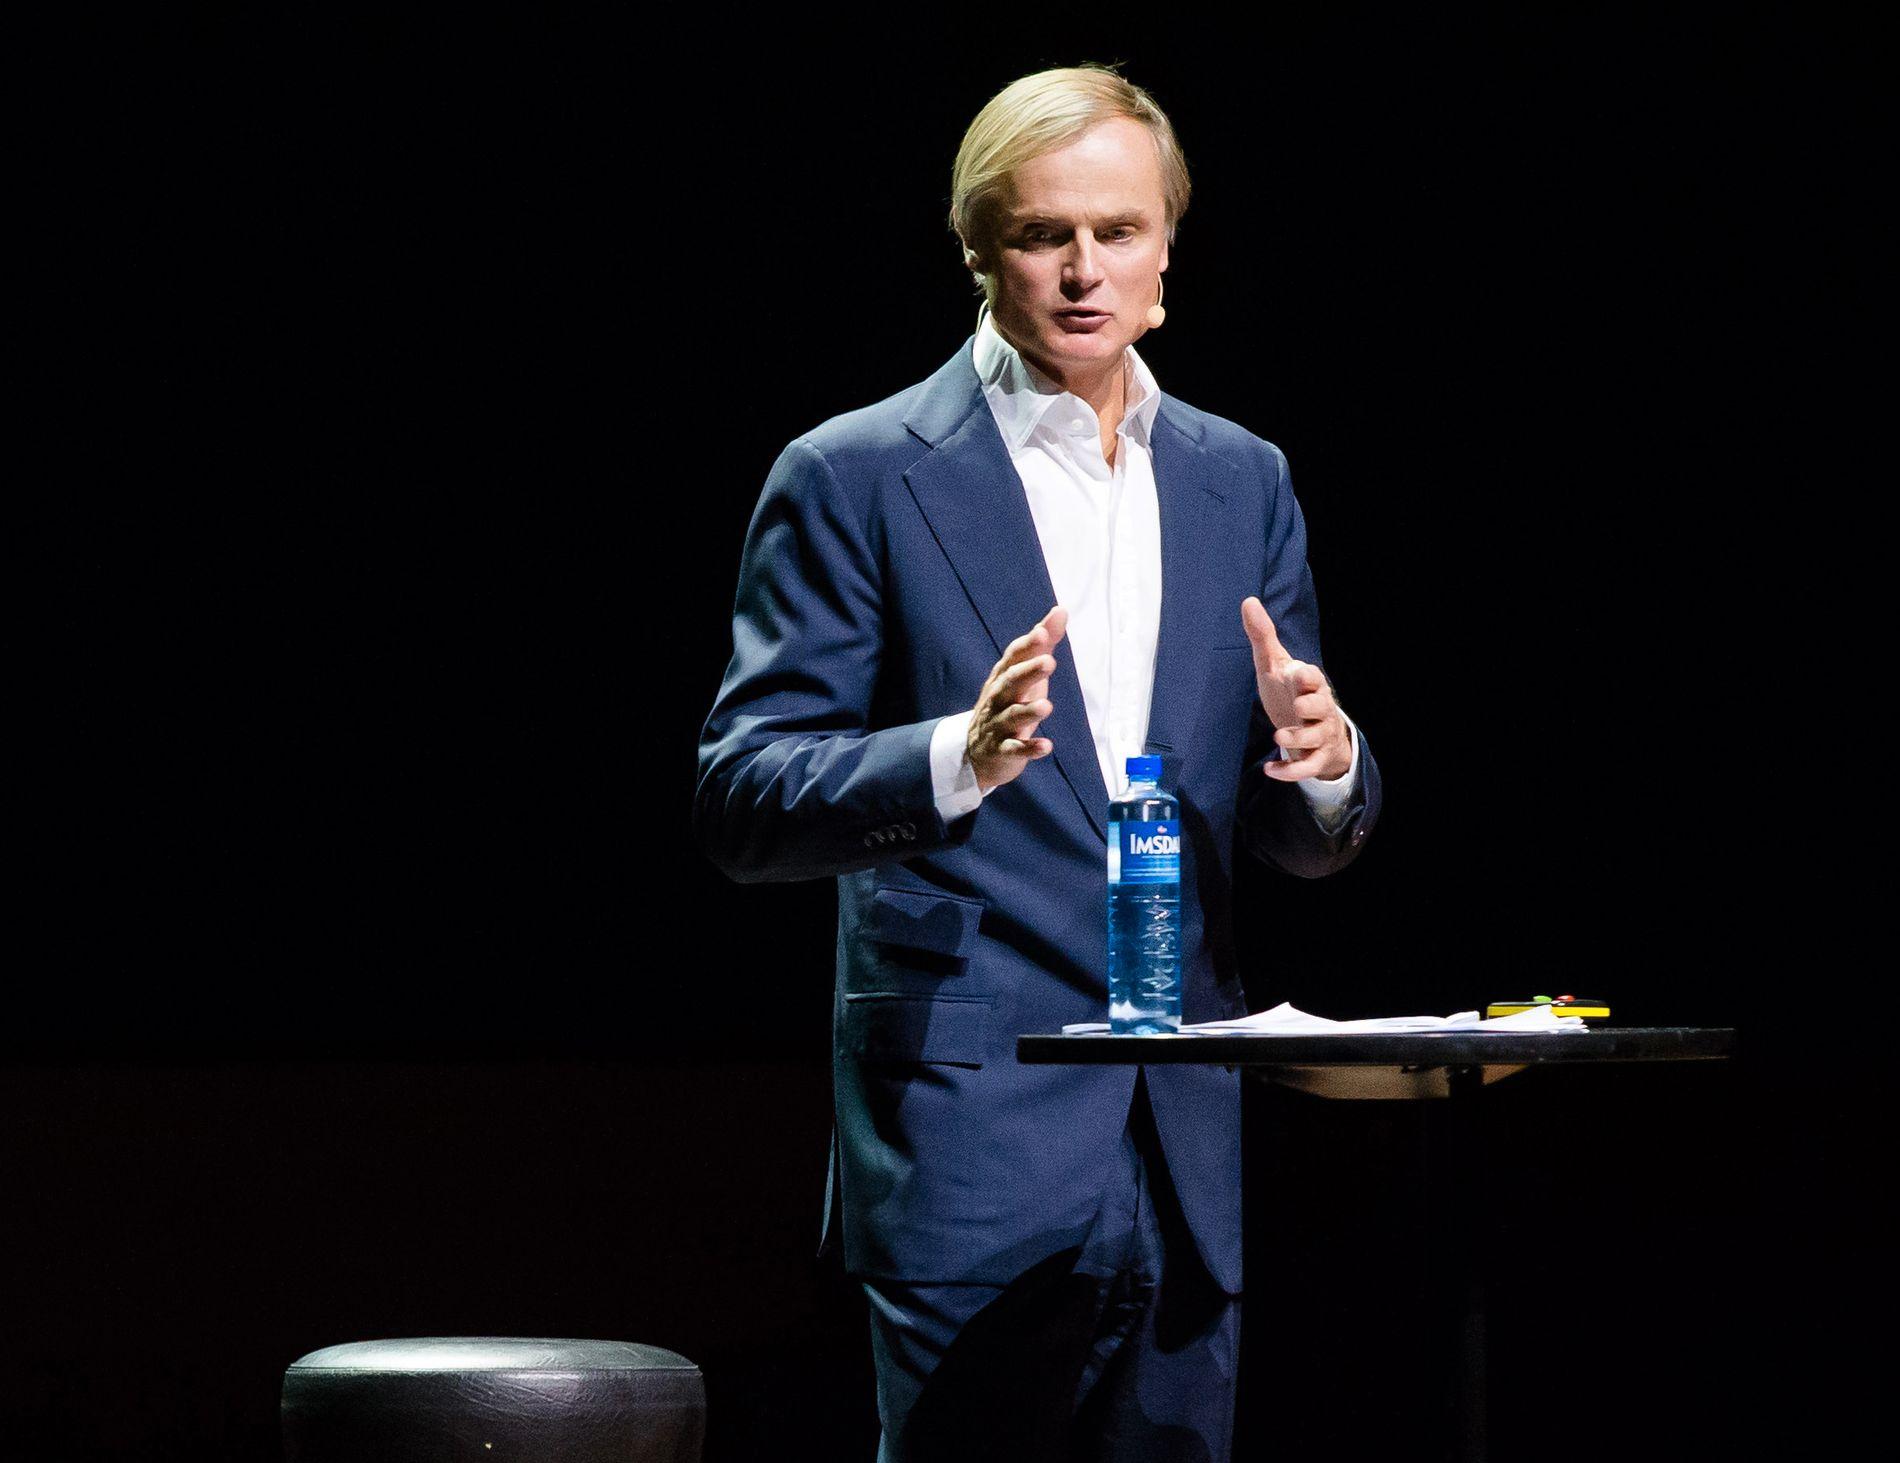 UT MOT HØYRE: Øystein Stray Spetalen anklager Høyre for å ta hensyn til de rike som gir partiet penger.